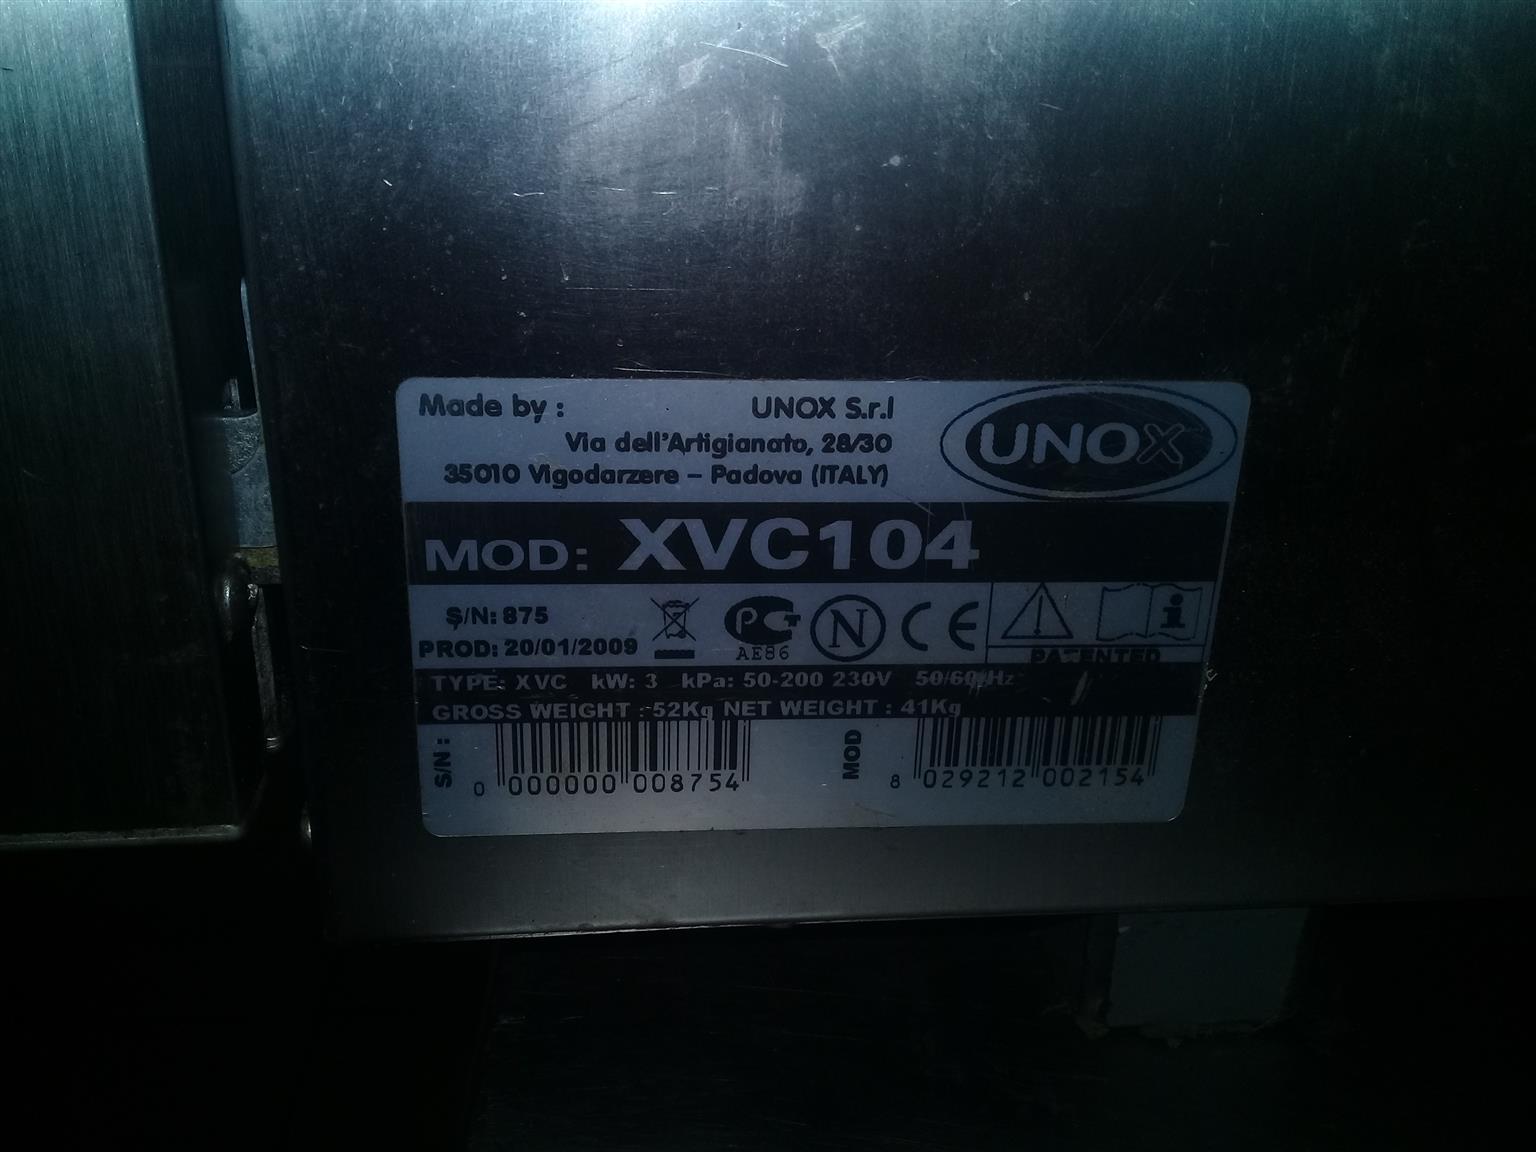 Unox cheftop oven